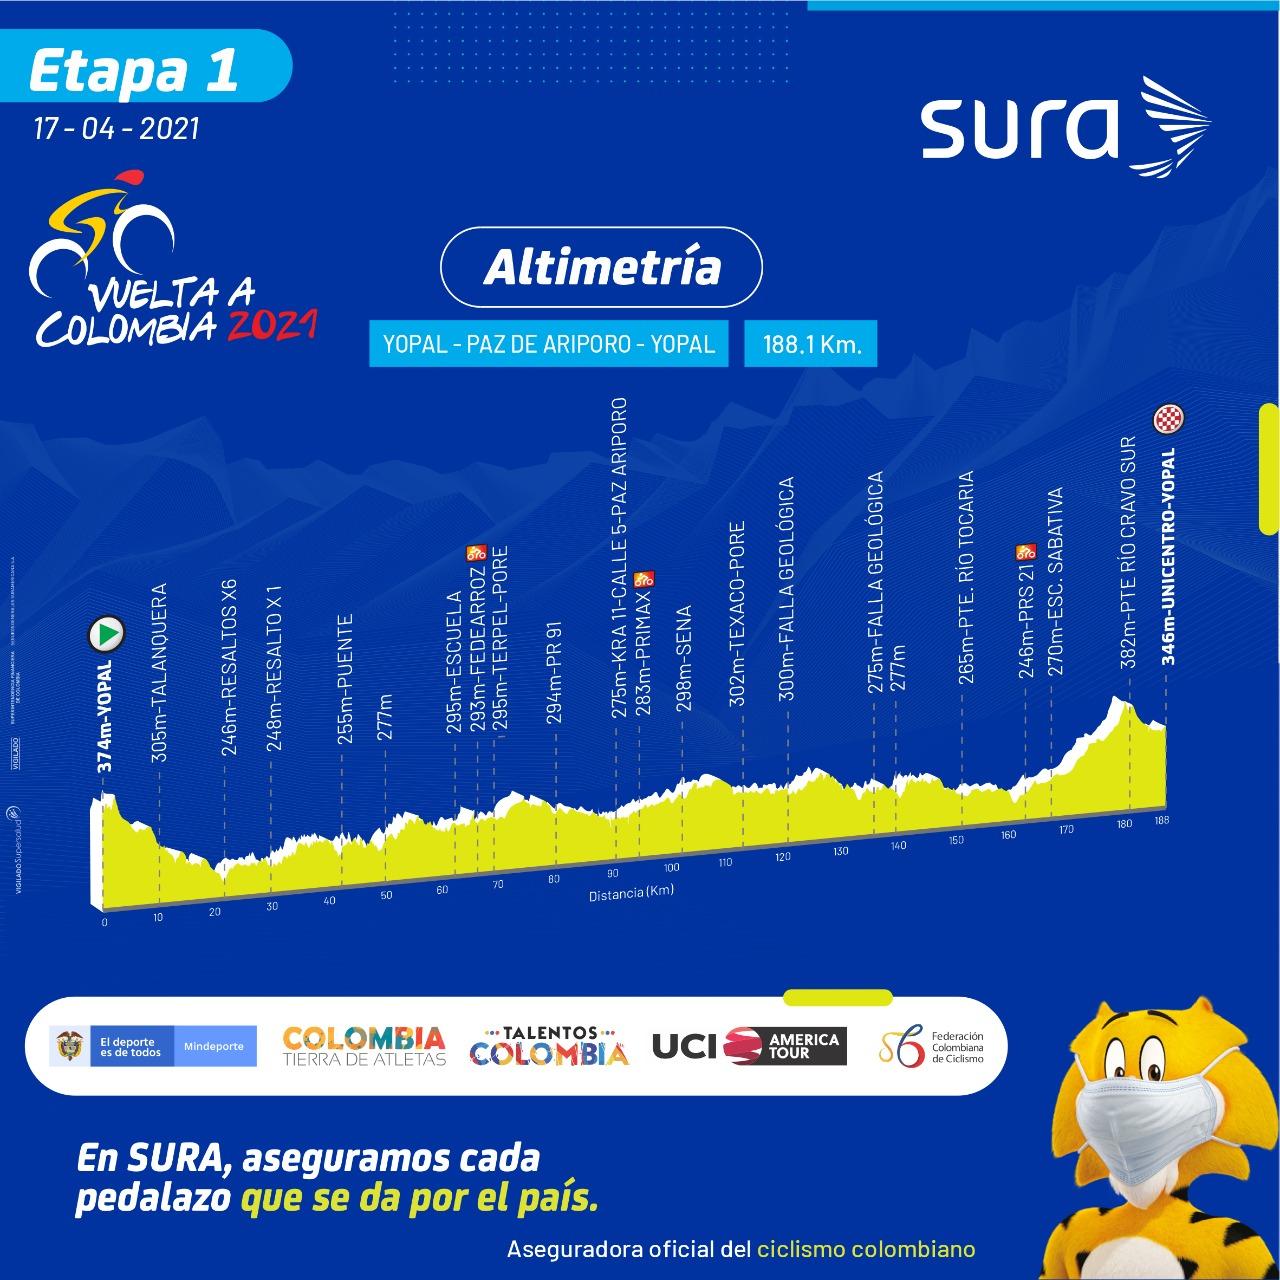 Etapa 1 Vuelta a Colombia 2021